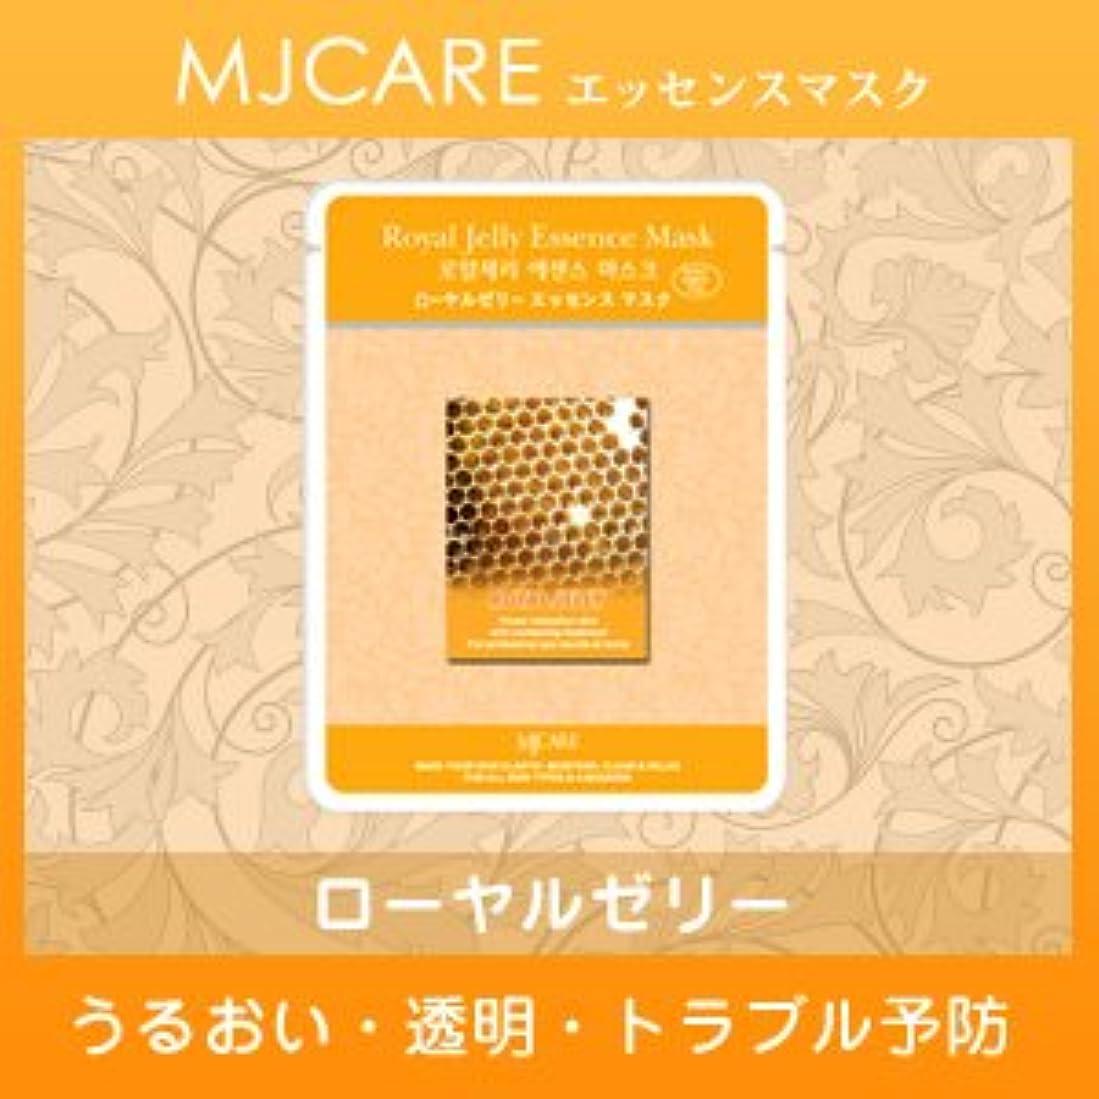 オレンジフォークファッションMJCARE (エムジェイケア) ローヤルゼリー エッセンスマスク